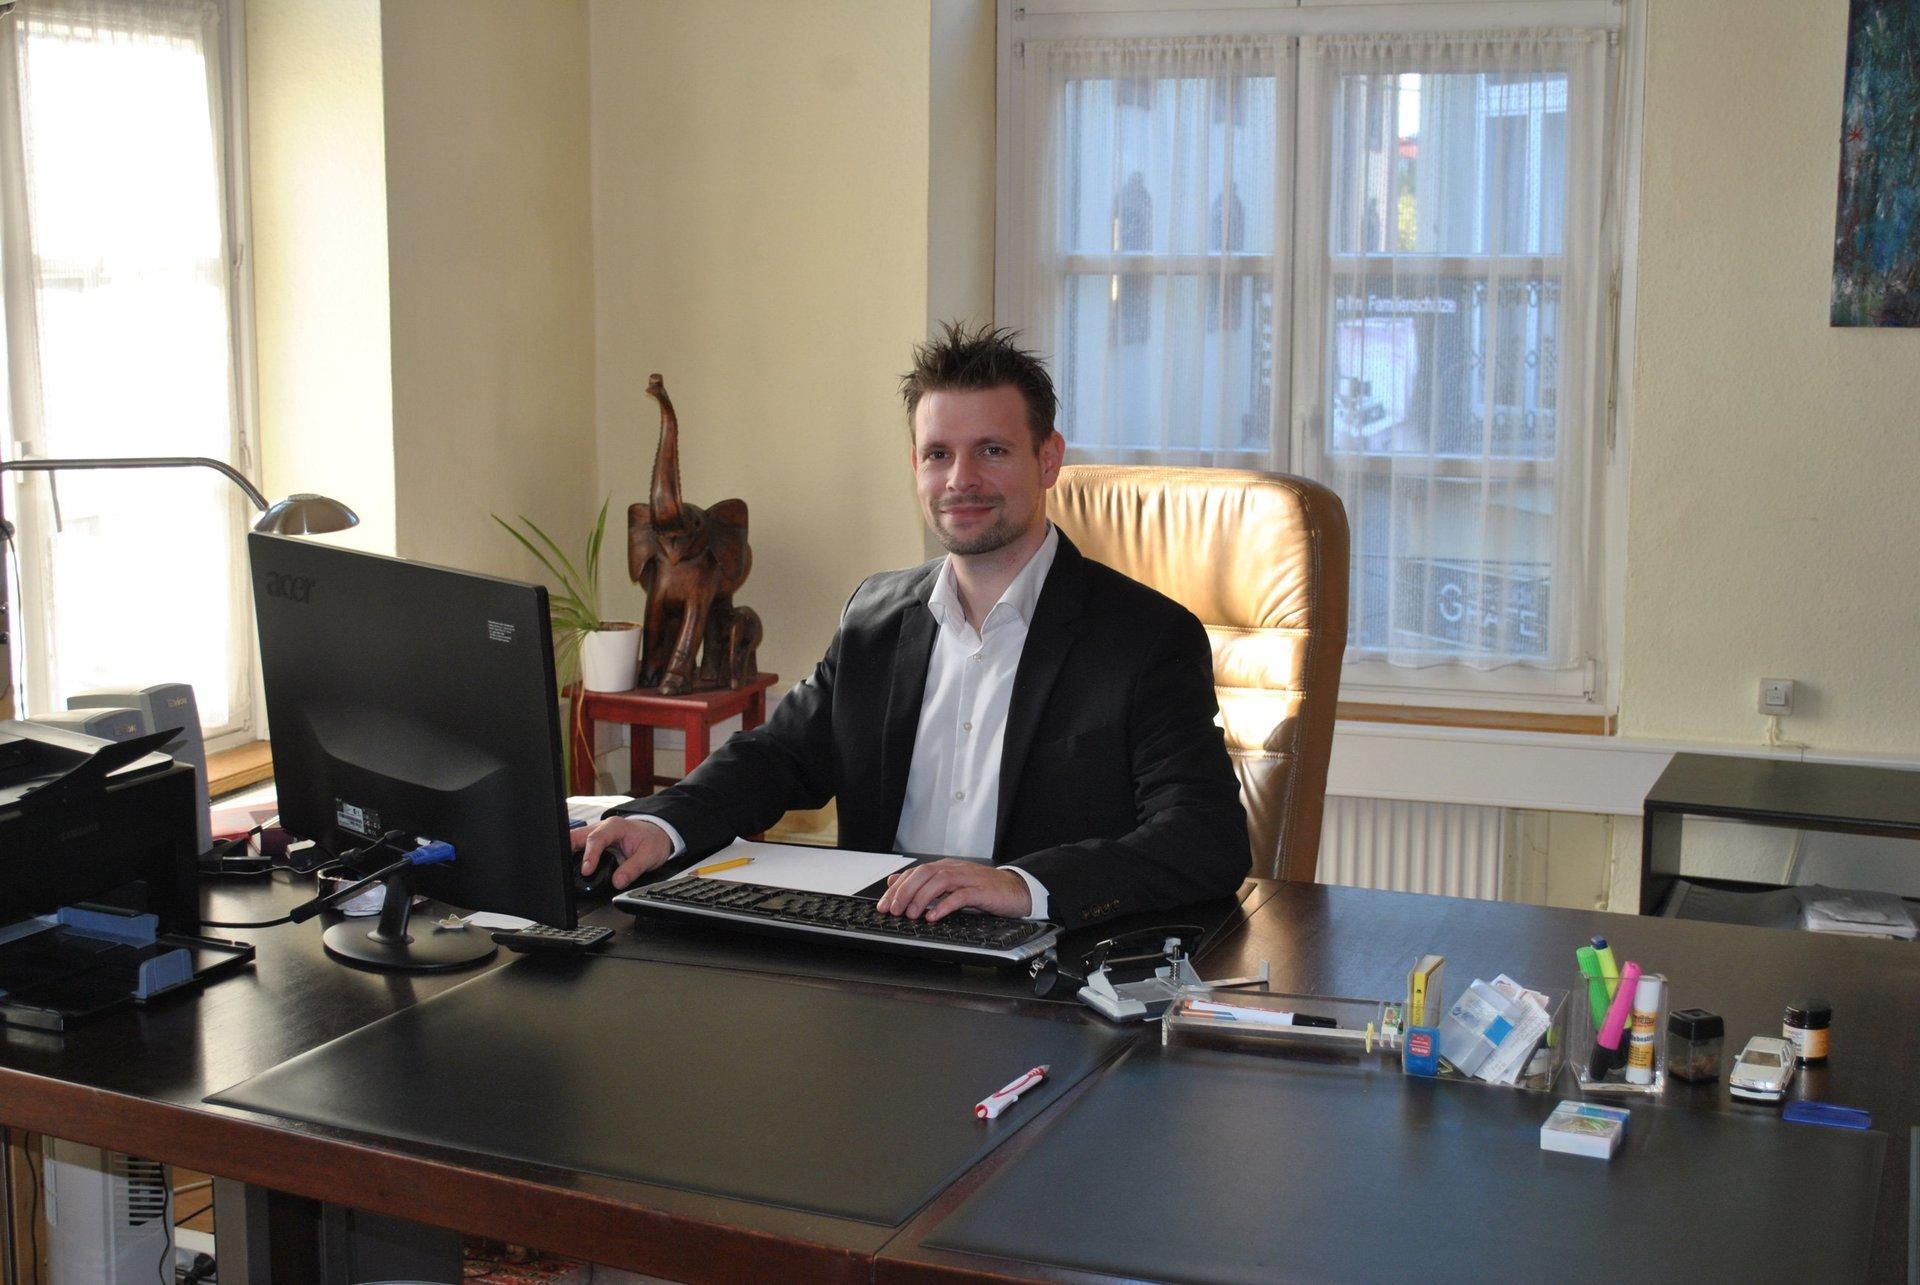 Rechtsanwalt Lott in Rastatt – kompetent und vorausschauend für Ihre Interessen